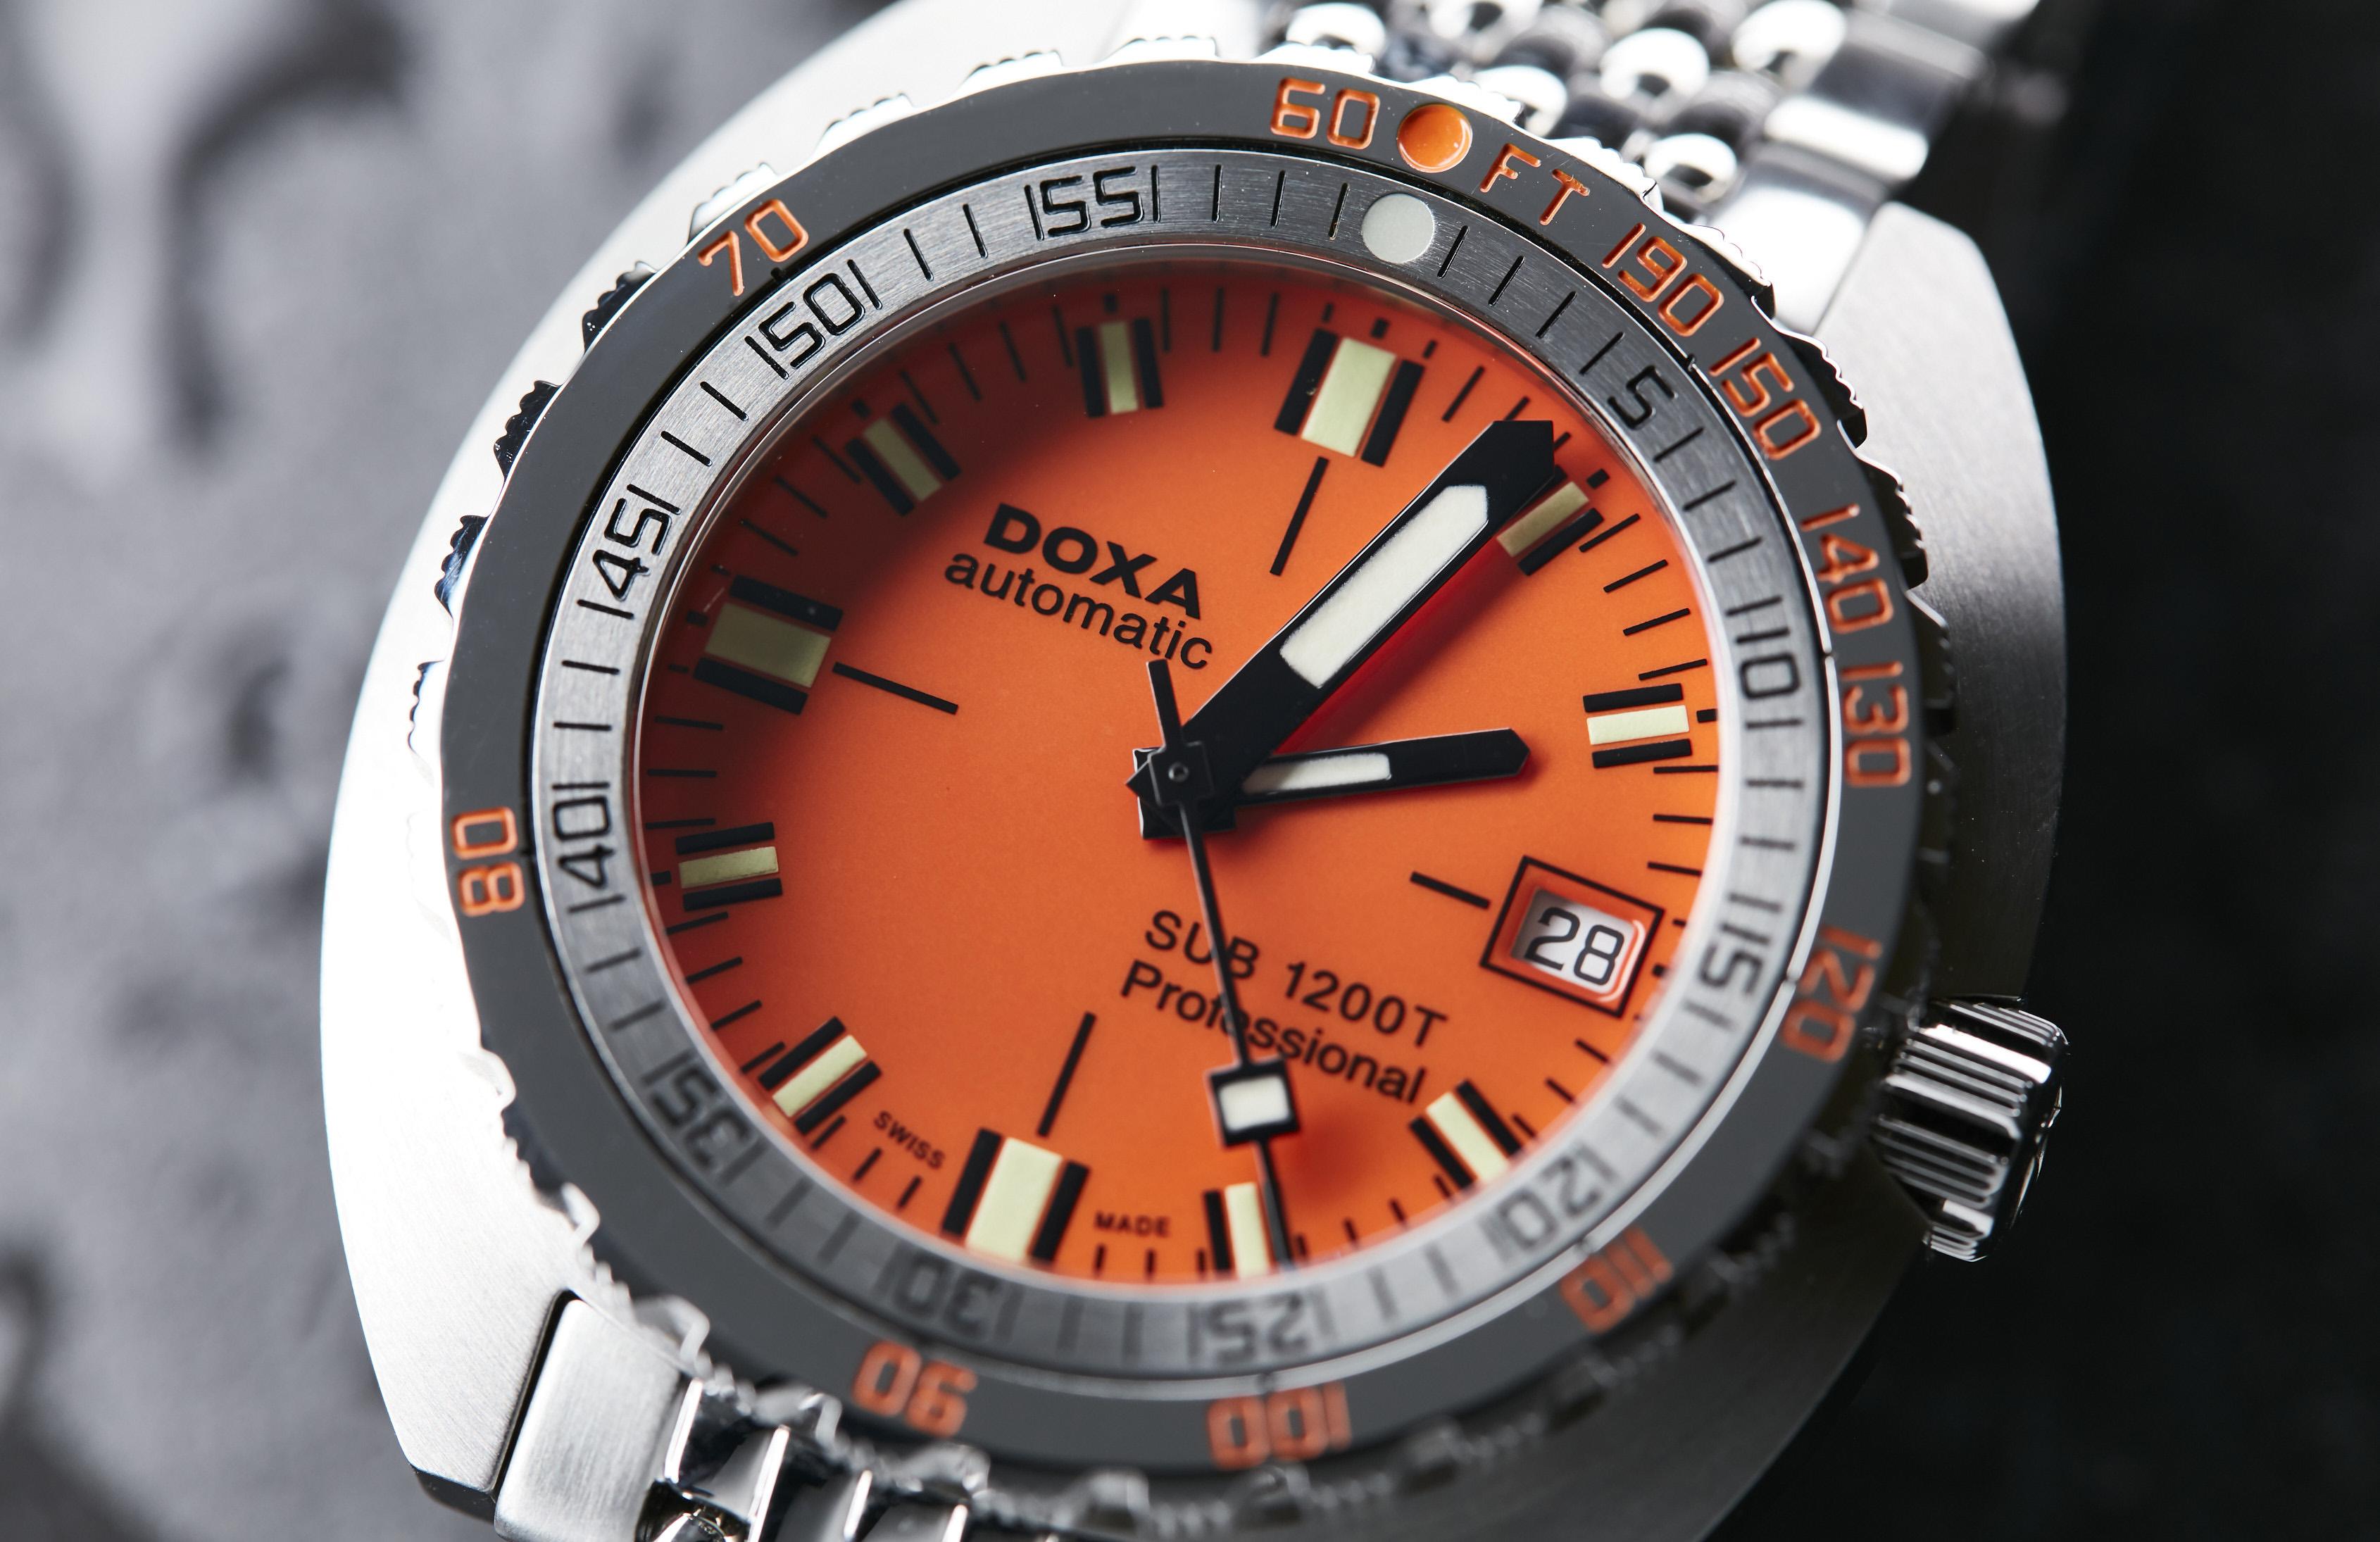 Doxa SUB 1200T